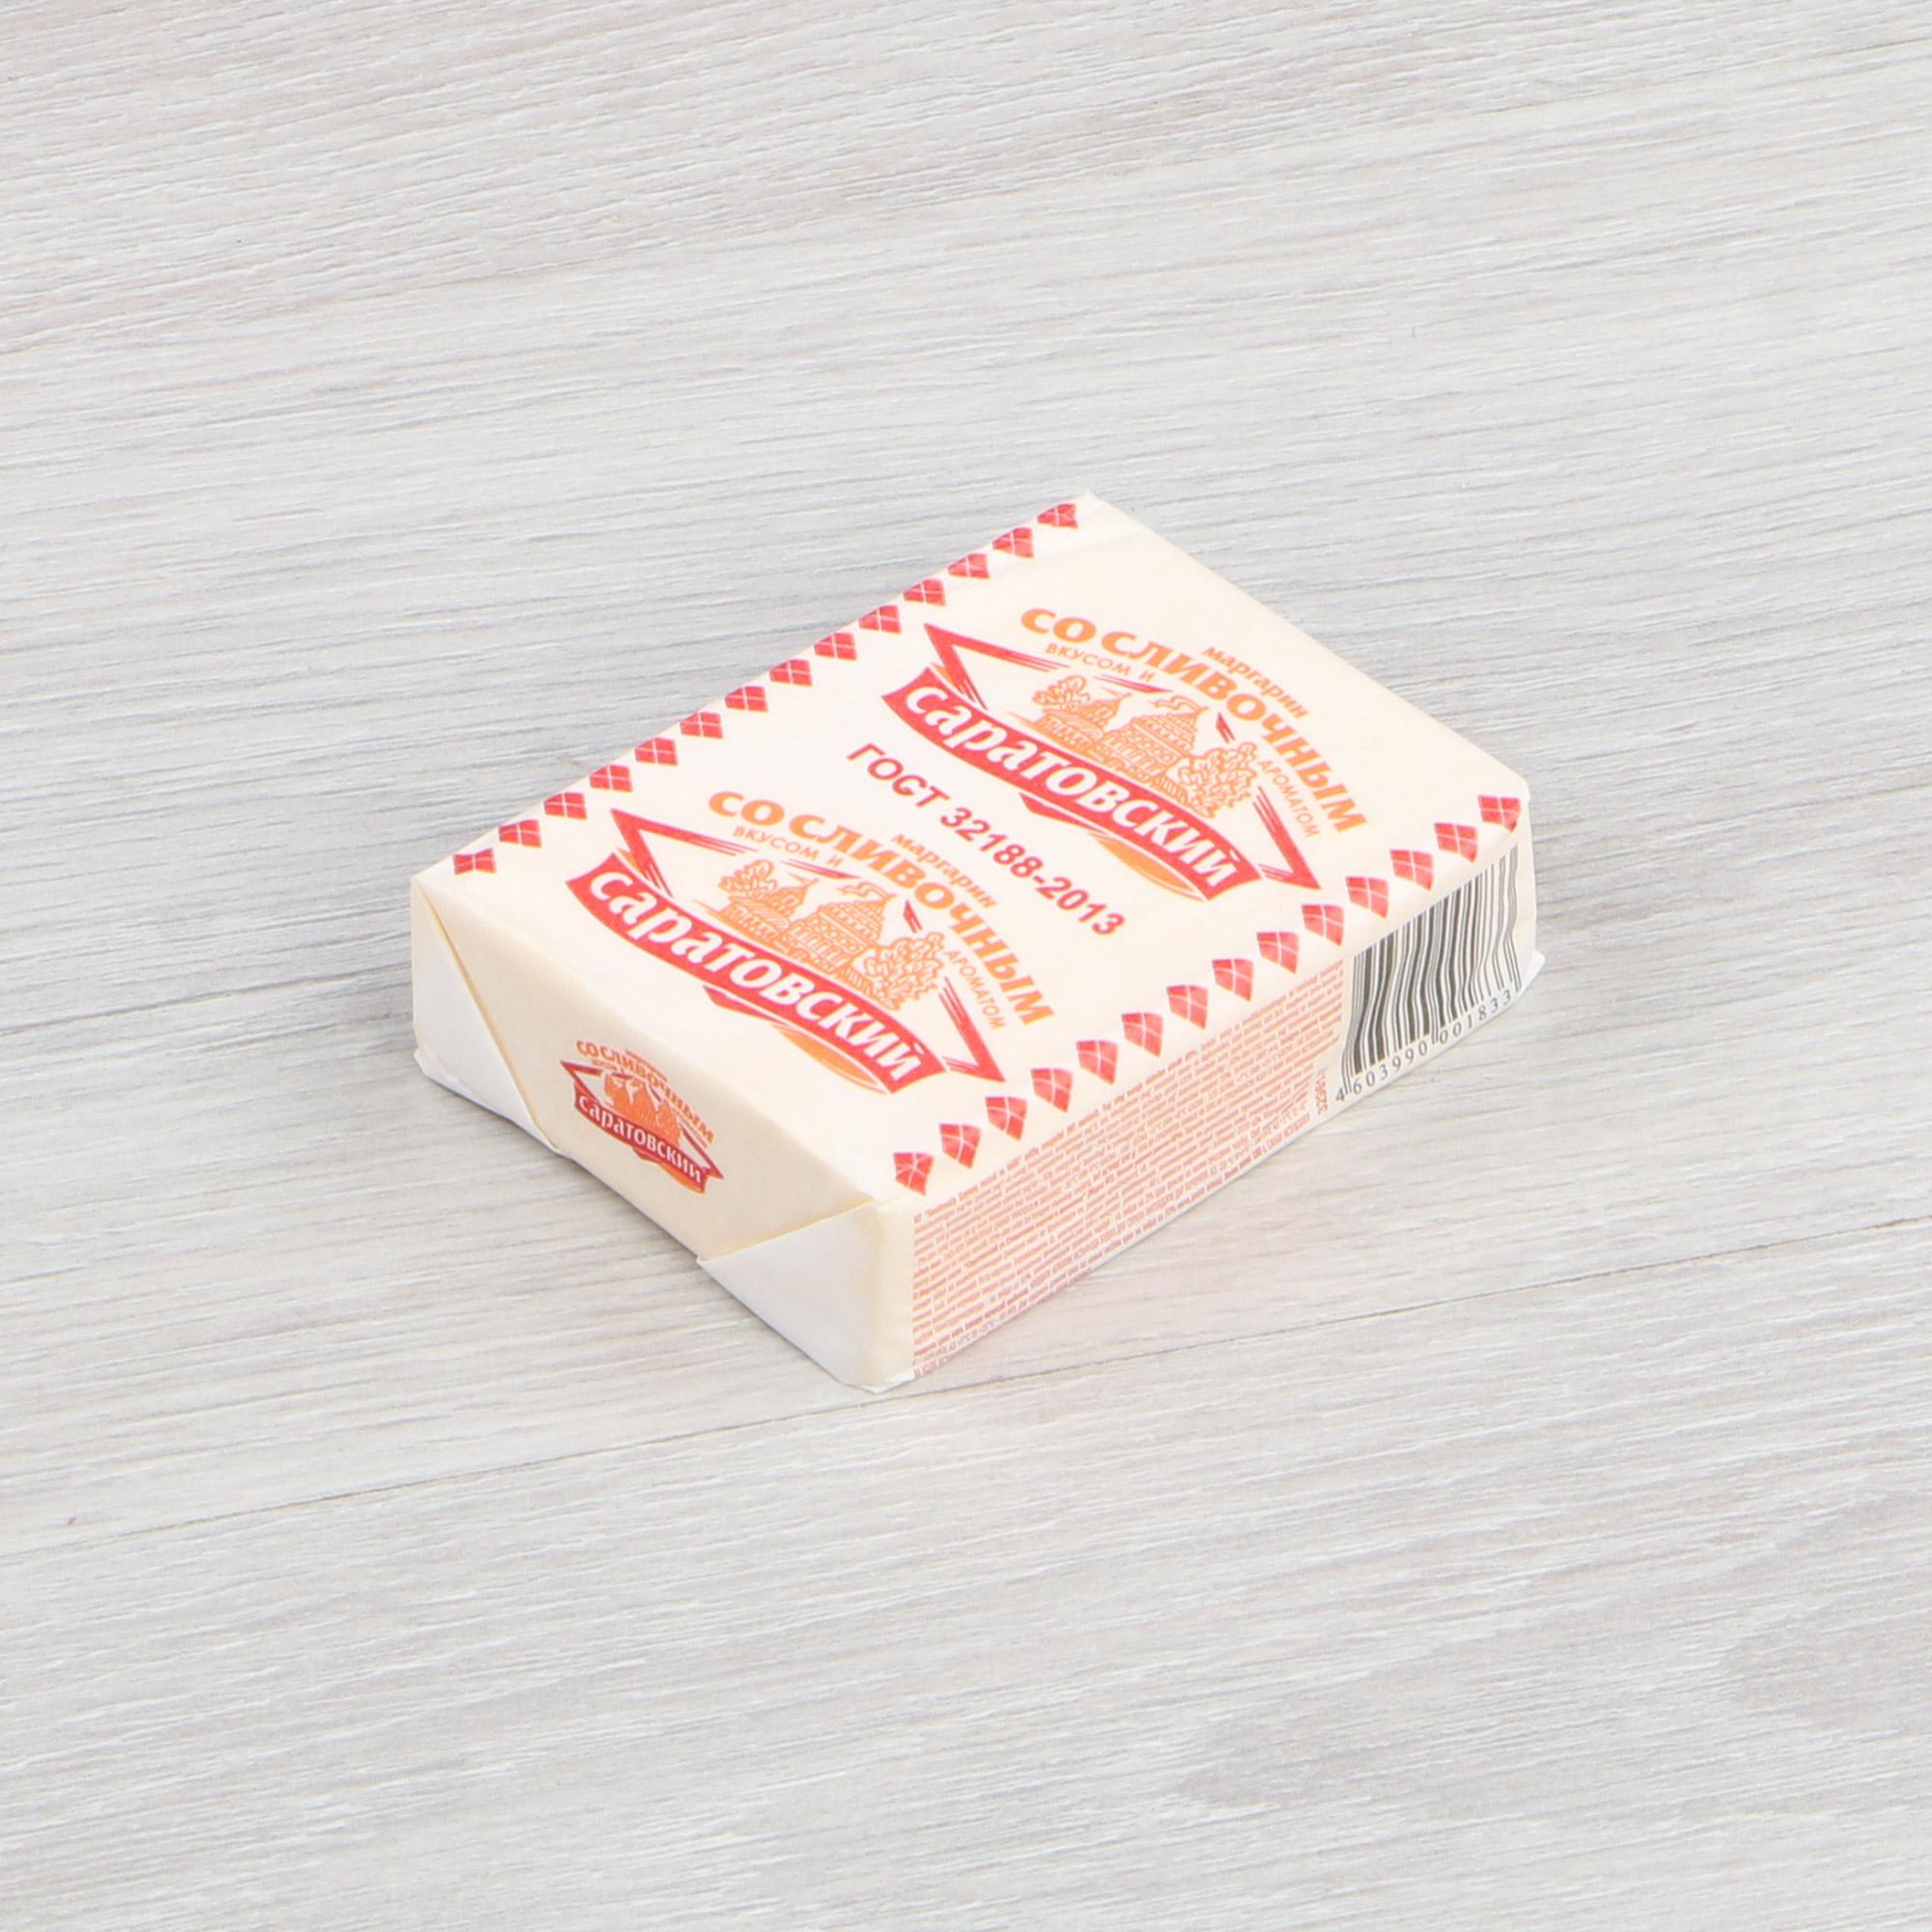 Маргарин Саратовский сливочный 60% 180 г фото